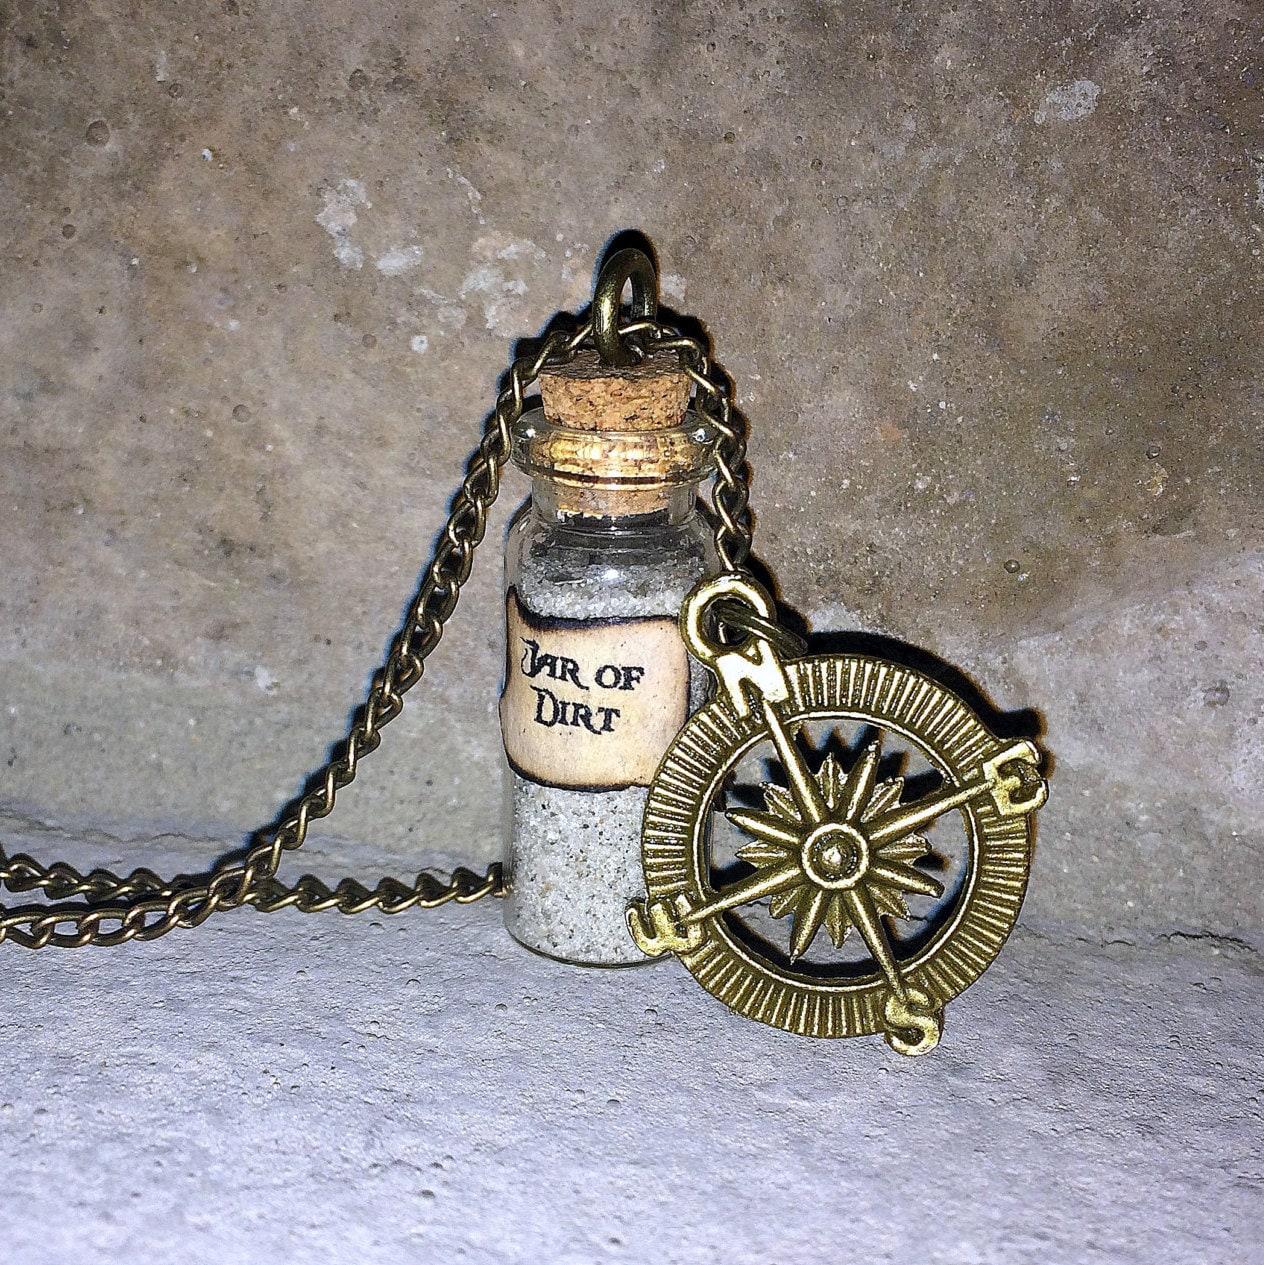 Dirt Bikes And More.jar Pirates of the Caribbean Jar